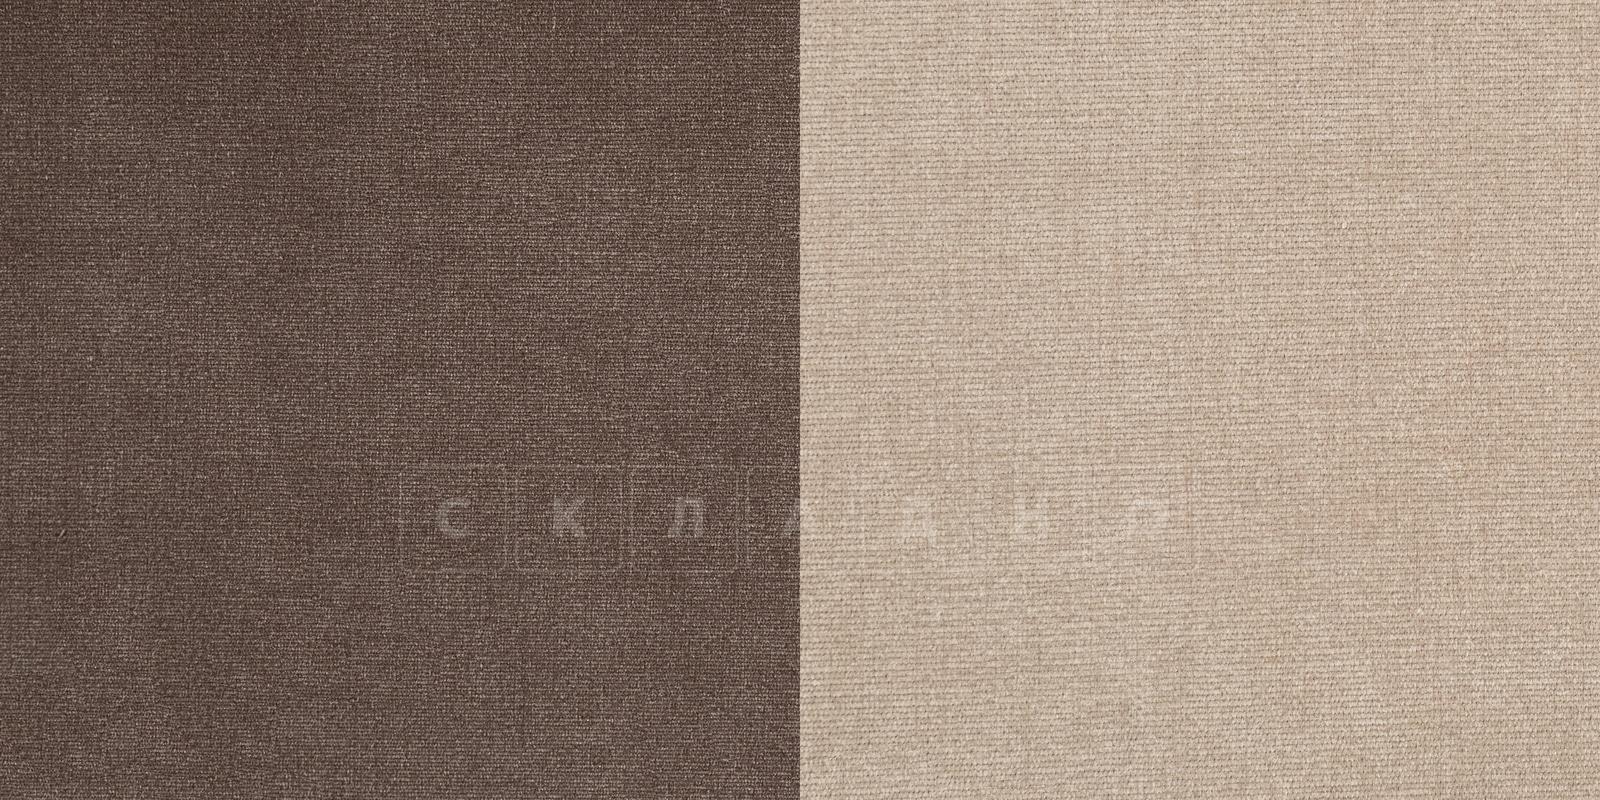 Кресло Амстердам вельвет бежевый с коричневым фото 7 | интернет-магазин Складно